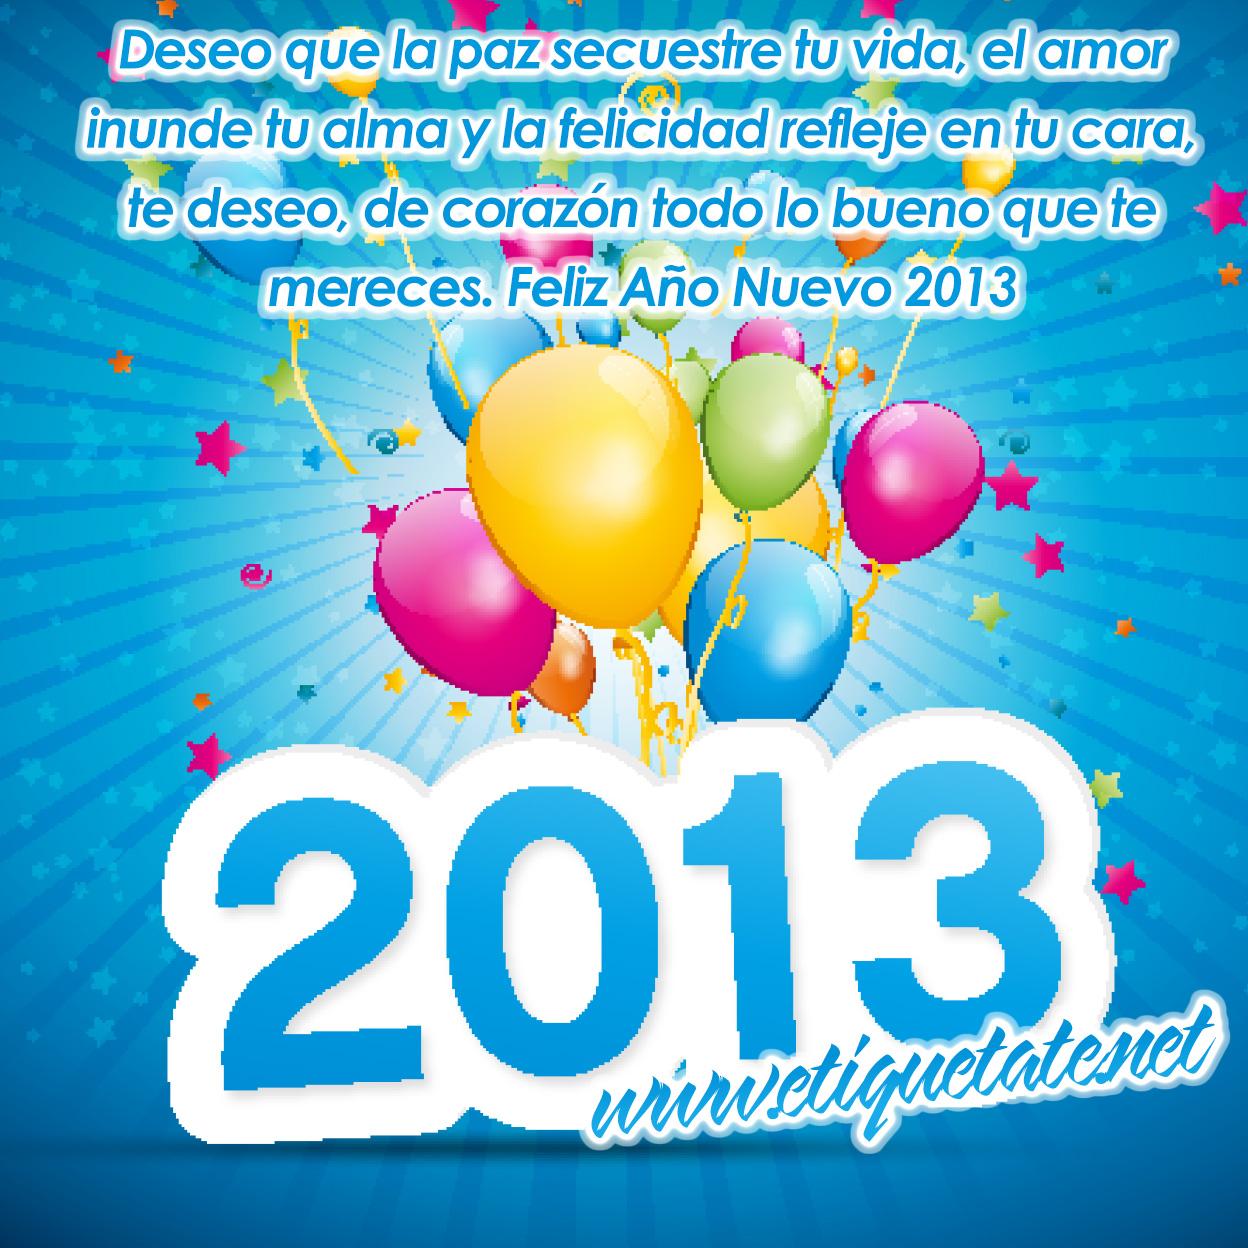 Frases Fin de A±o y A±o Nuevo 2013